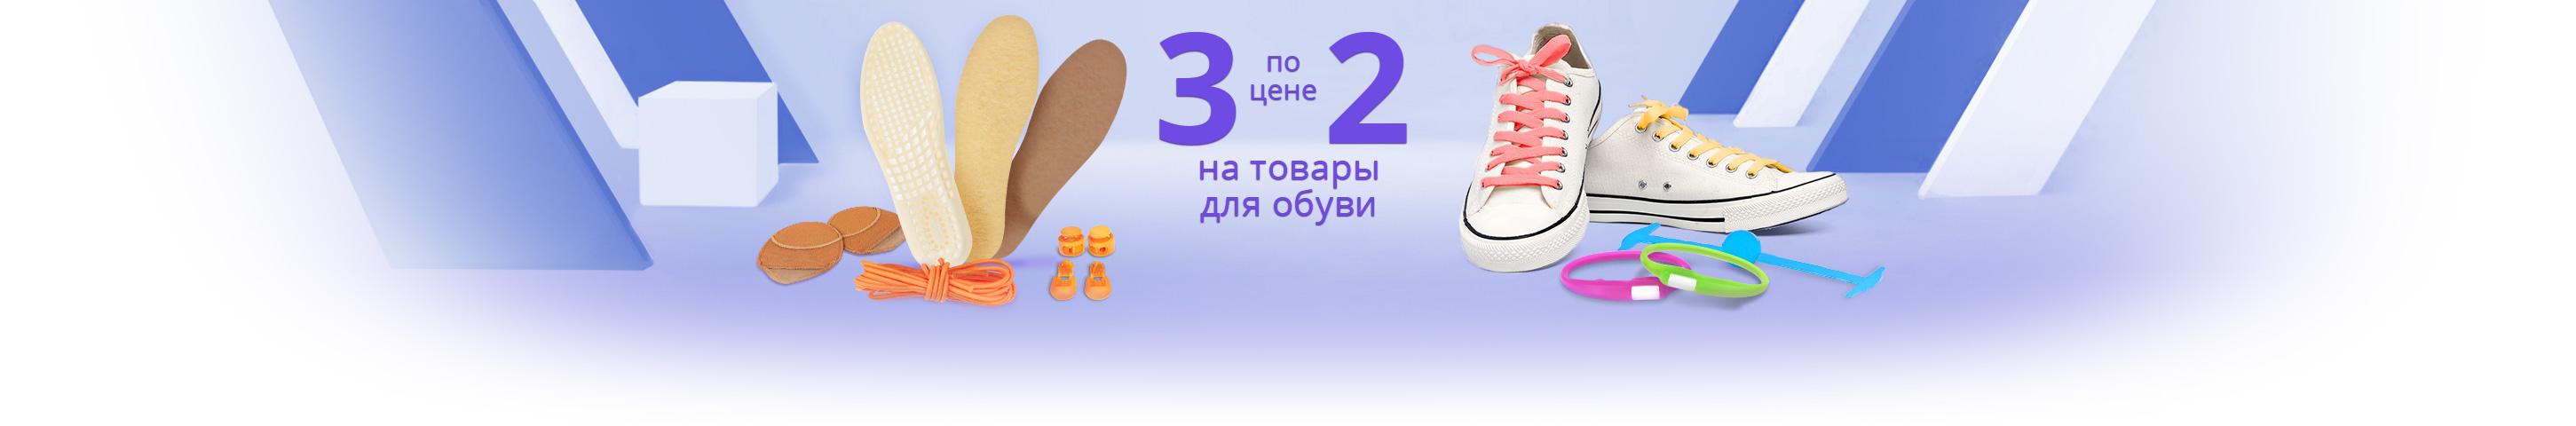 24b229398948 Купить одежду и обувь оптом и в розницу   15000 товаров в интернет ...